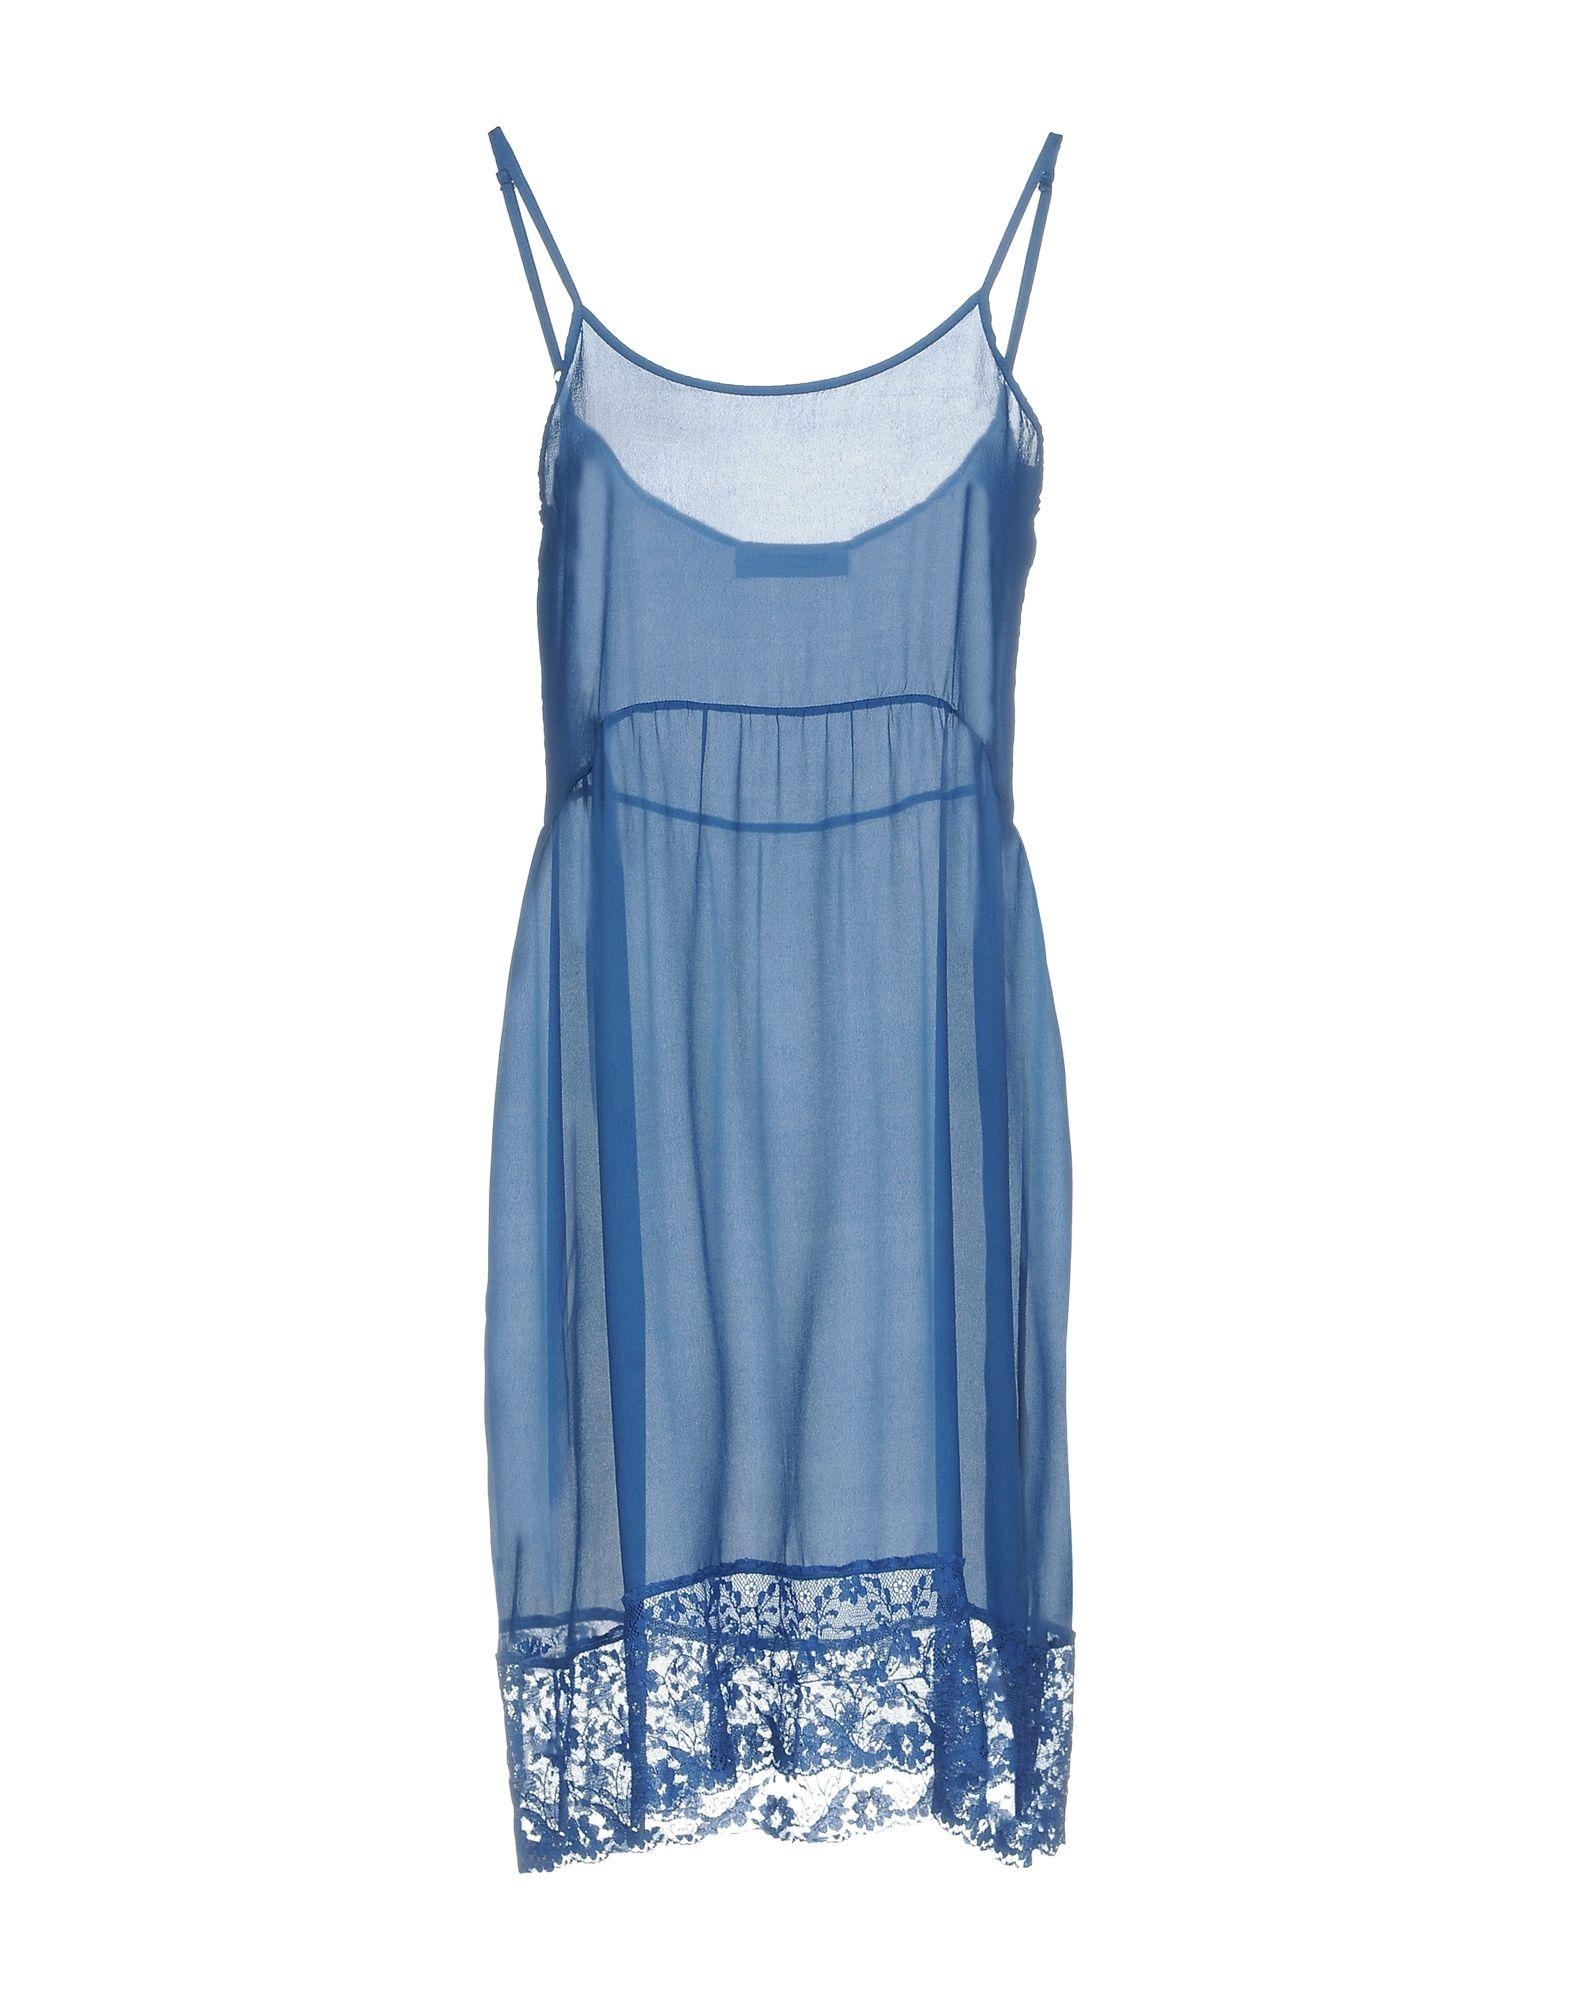 ANNA RACHELE JEANS COLLECTION Короткое платье платье без рукавов с кружевной вставкой на спинке